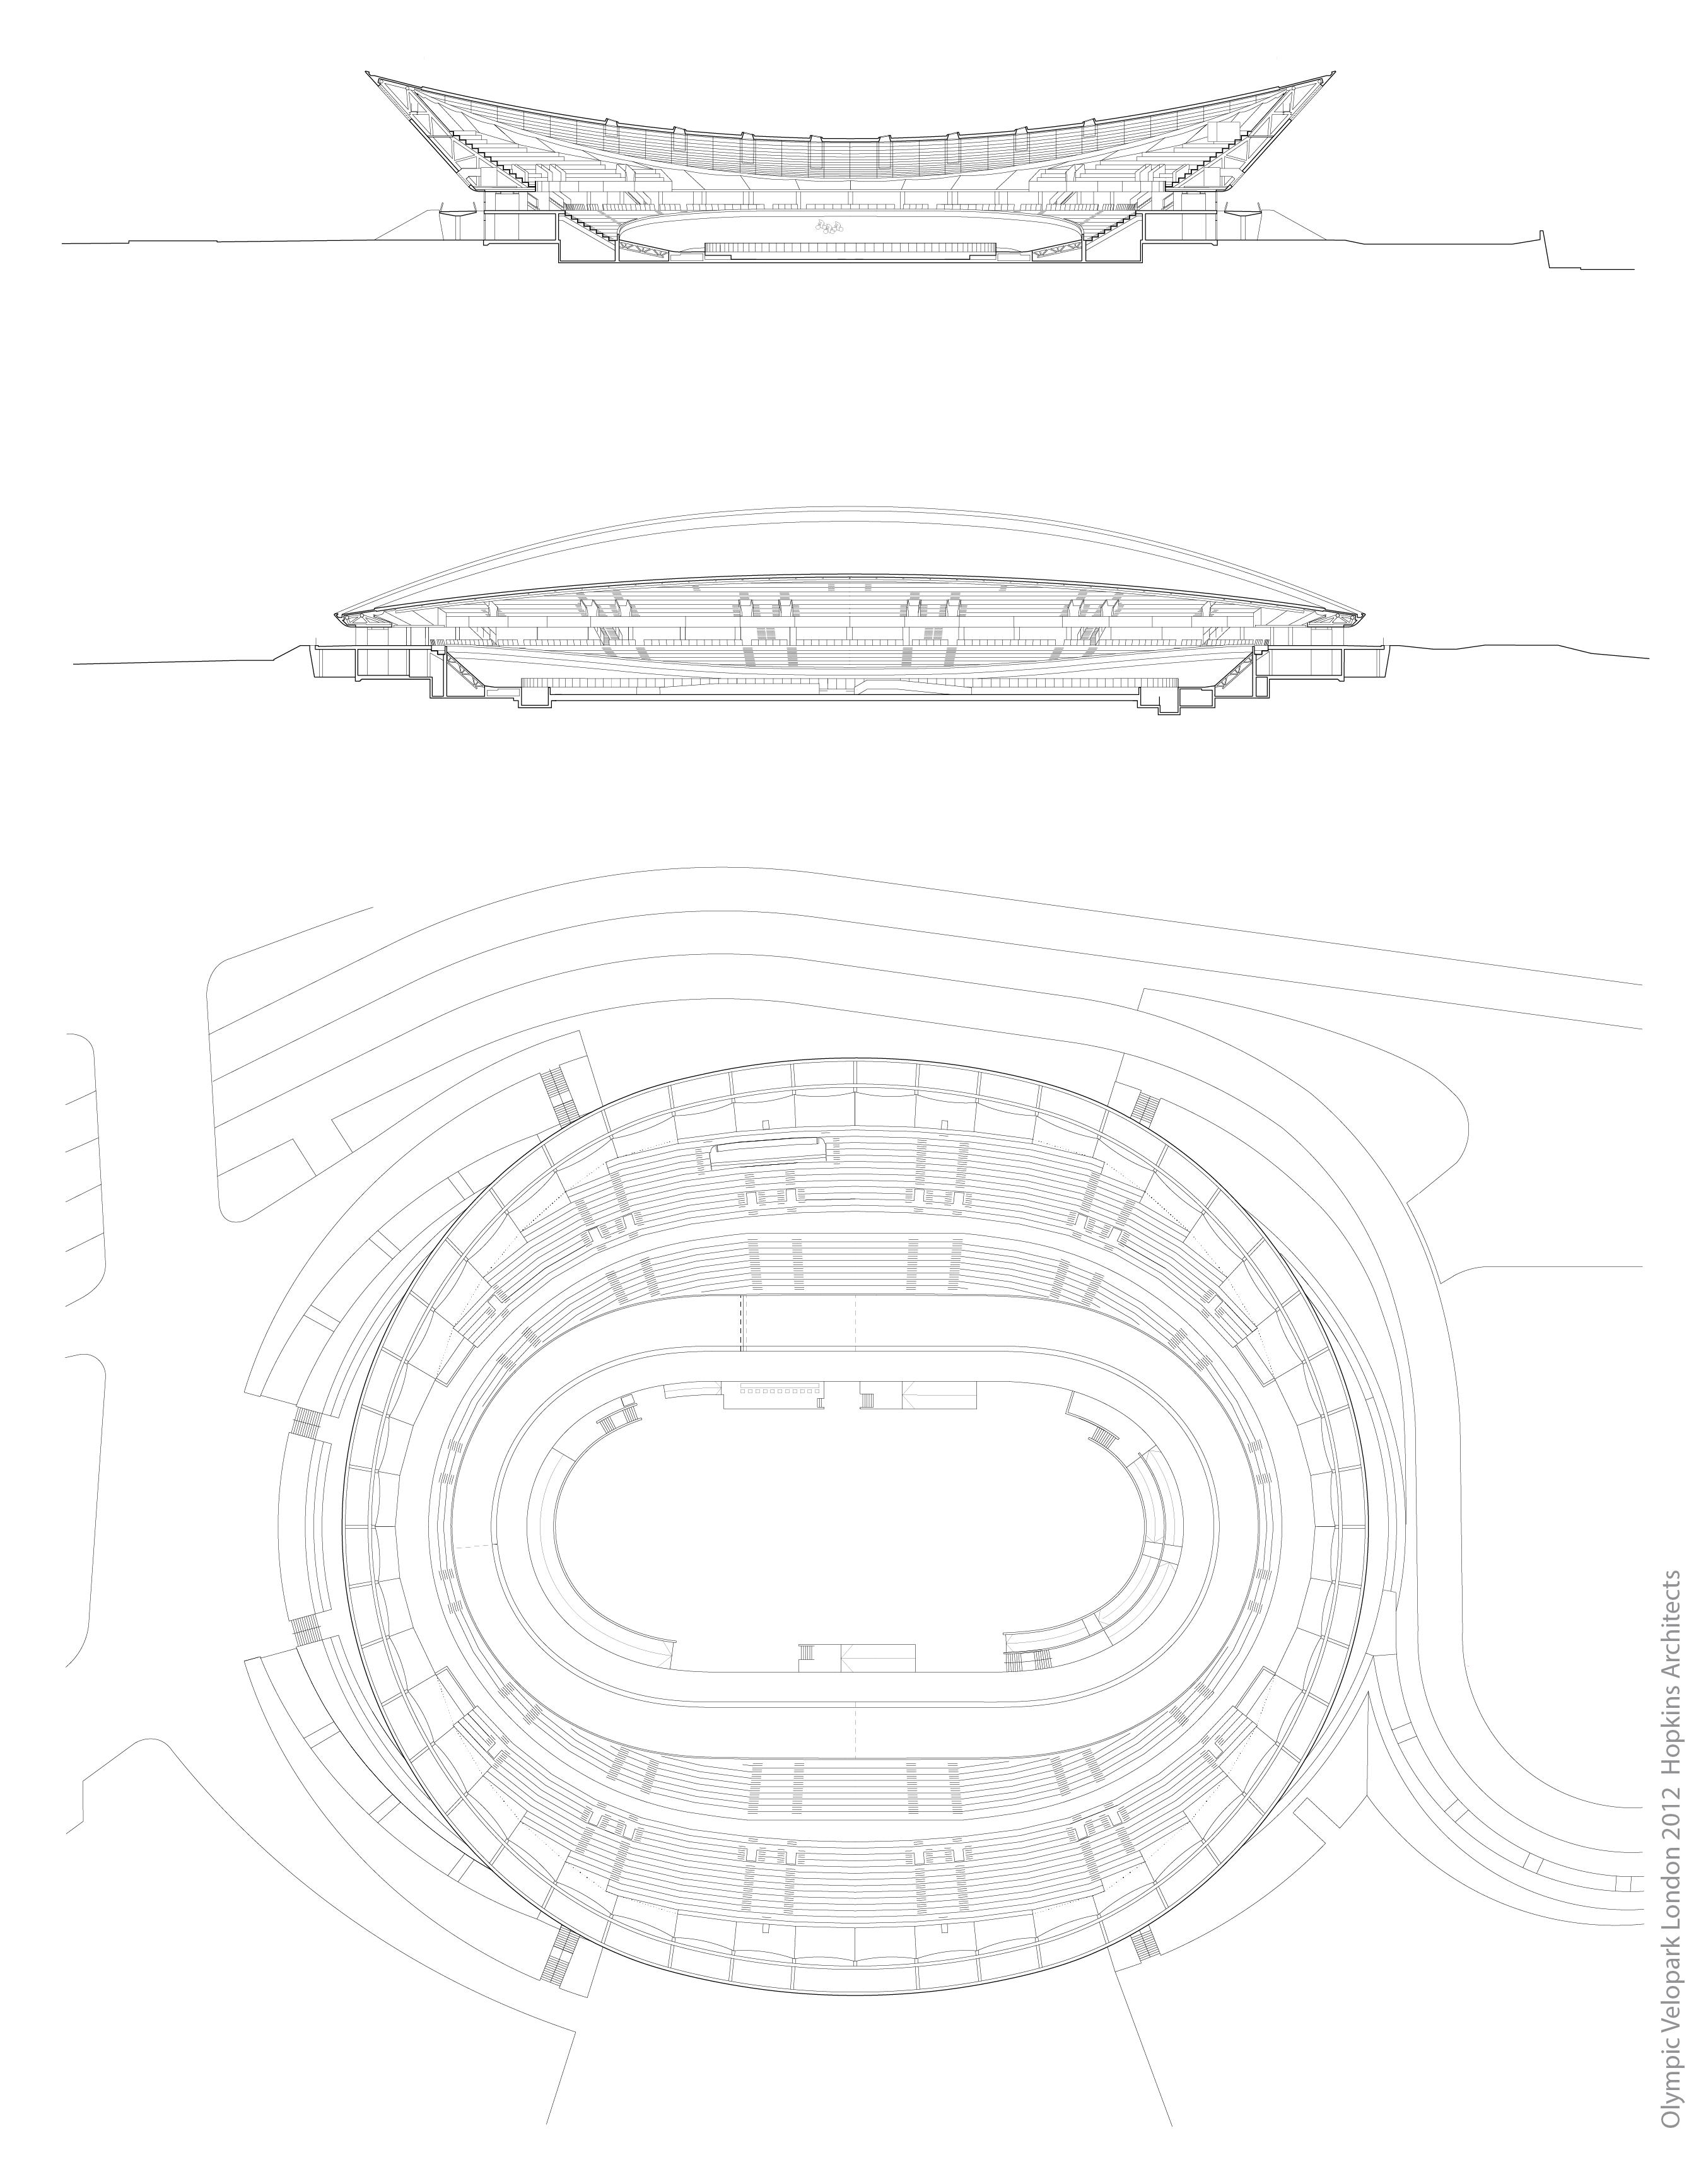 OlympicVeloPark